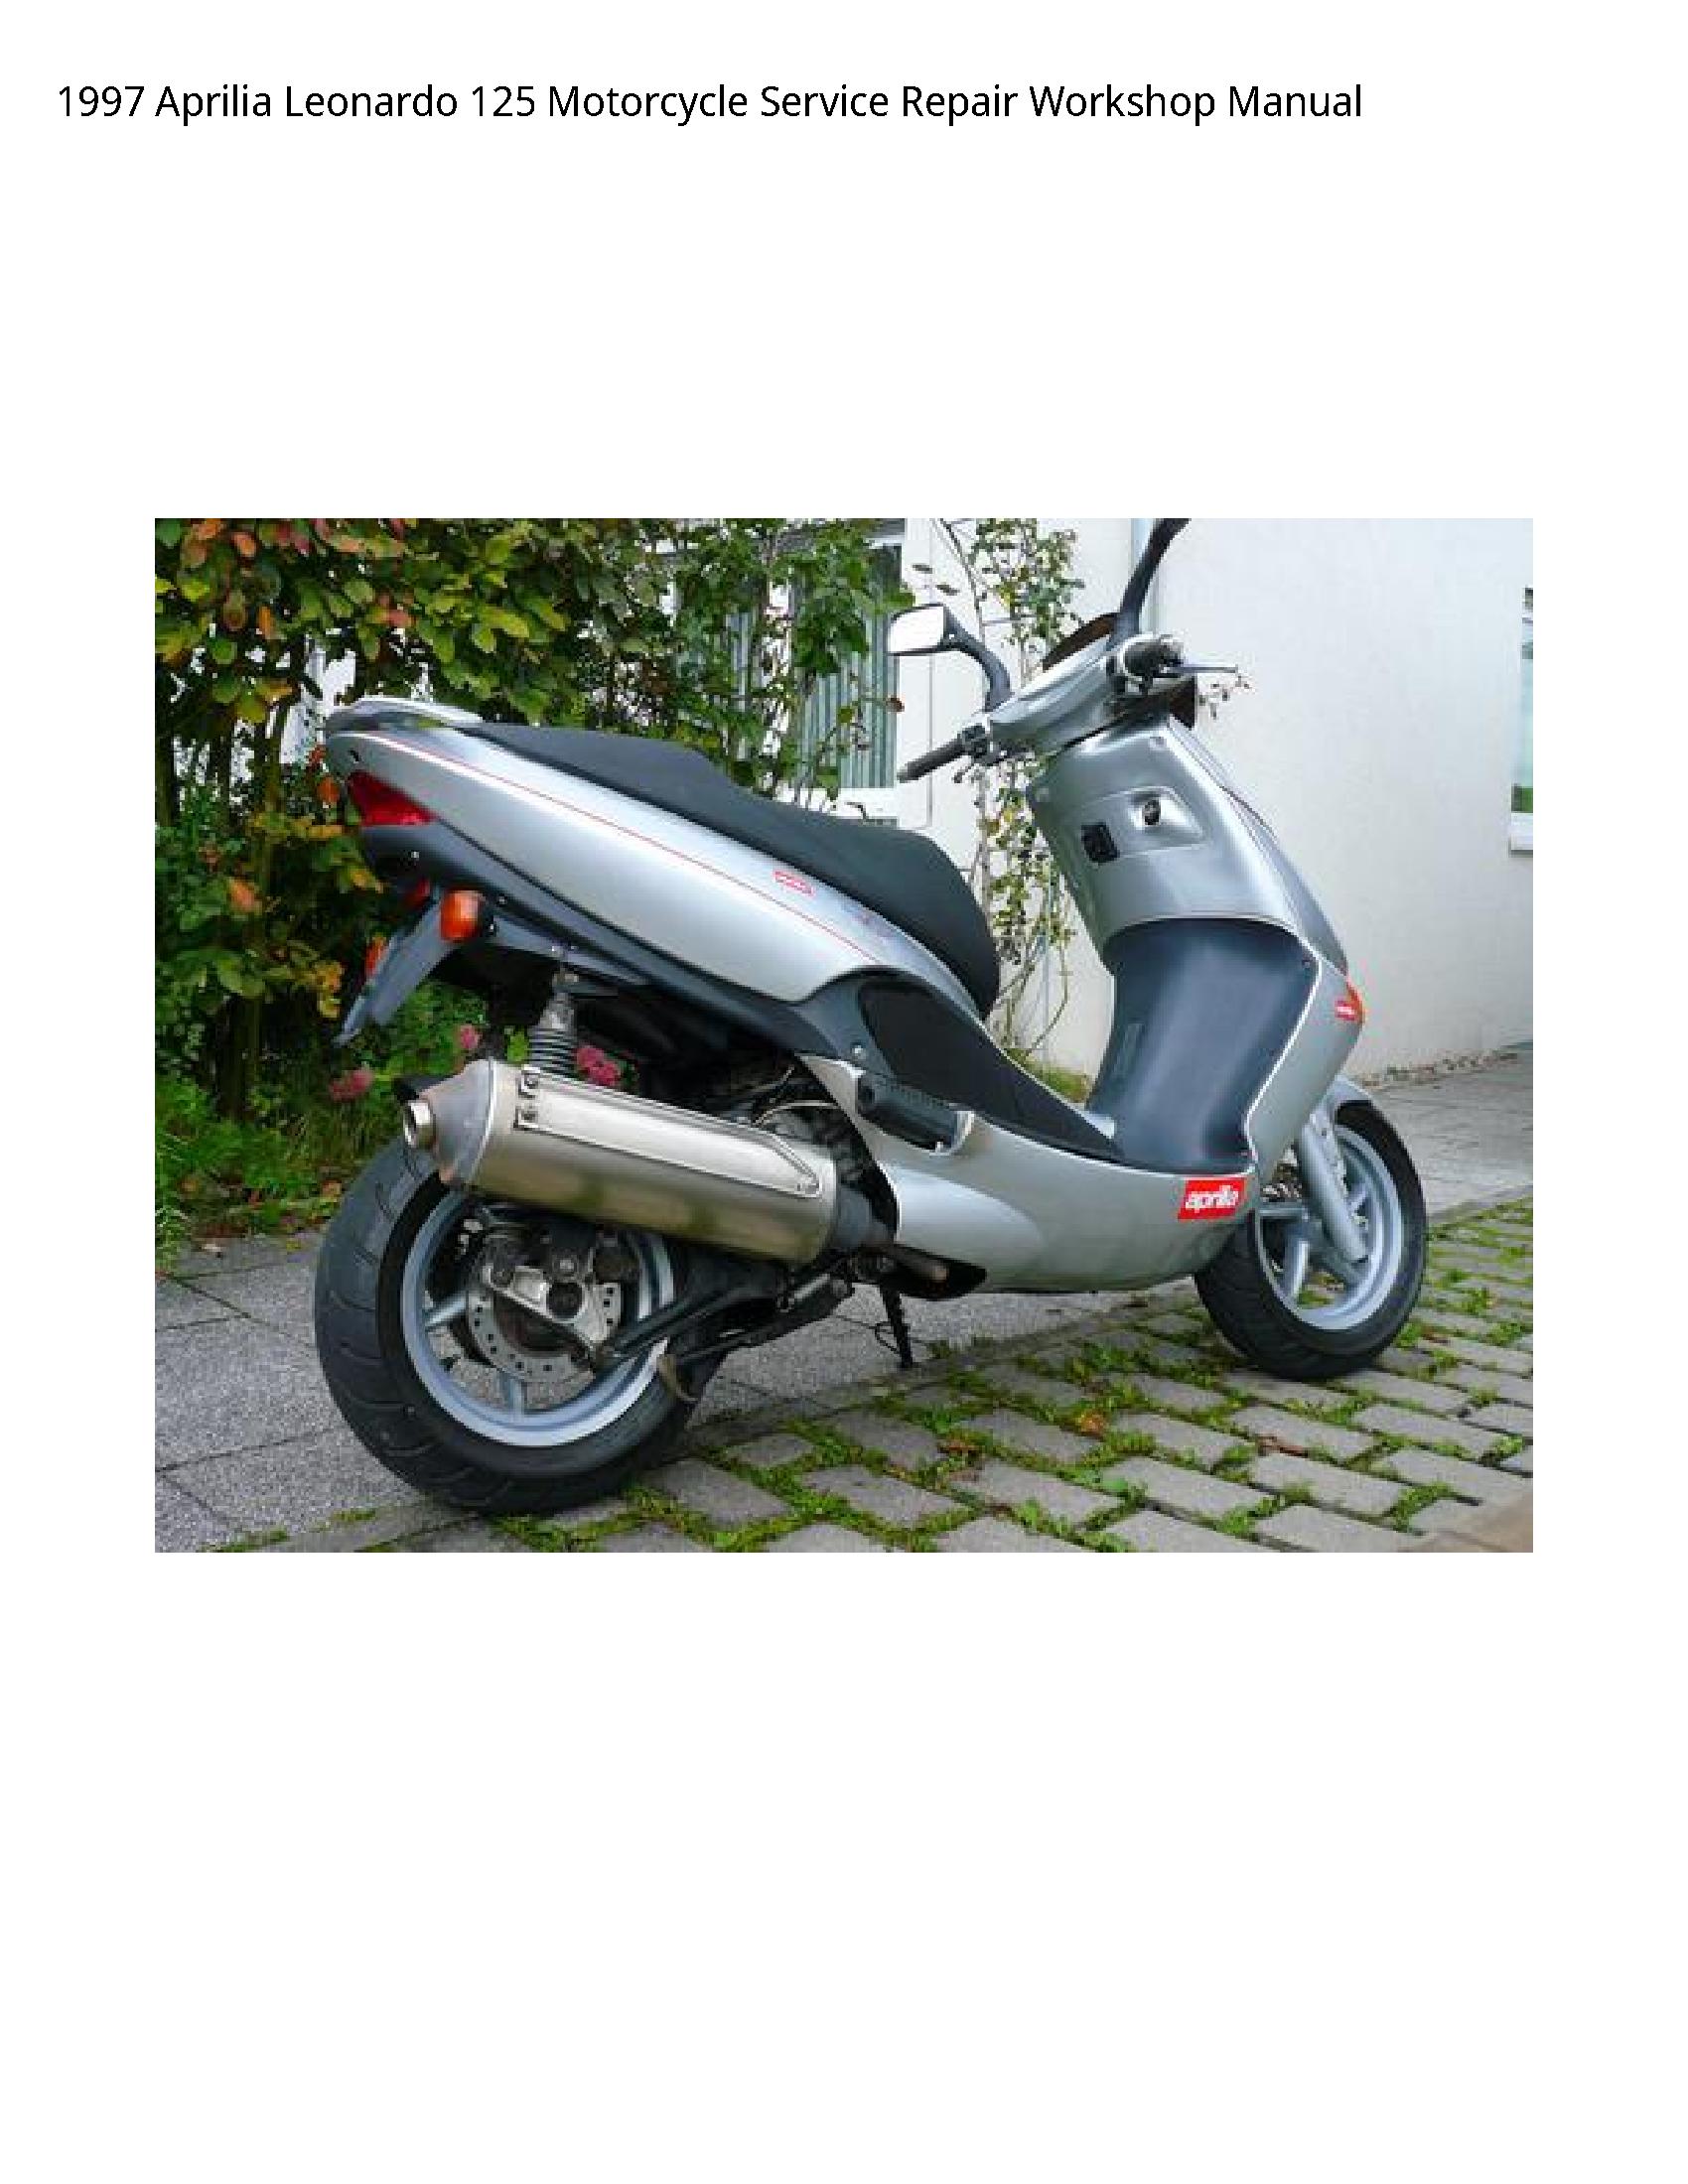 Aprilia 125 Leonardo Motorcycle manual